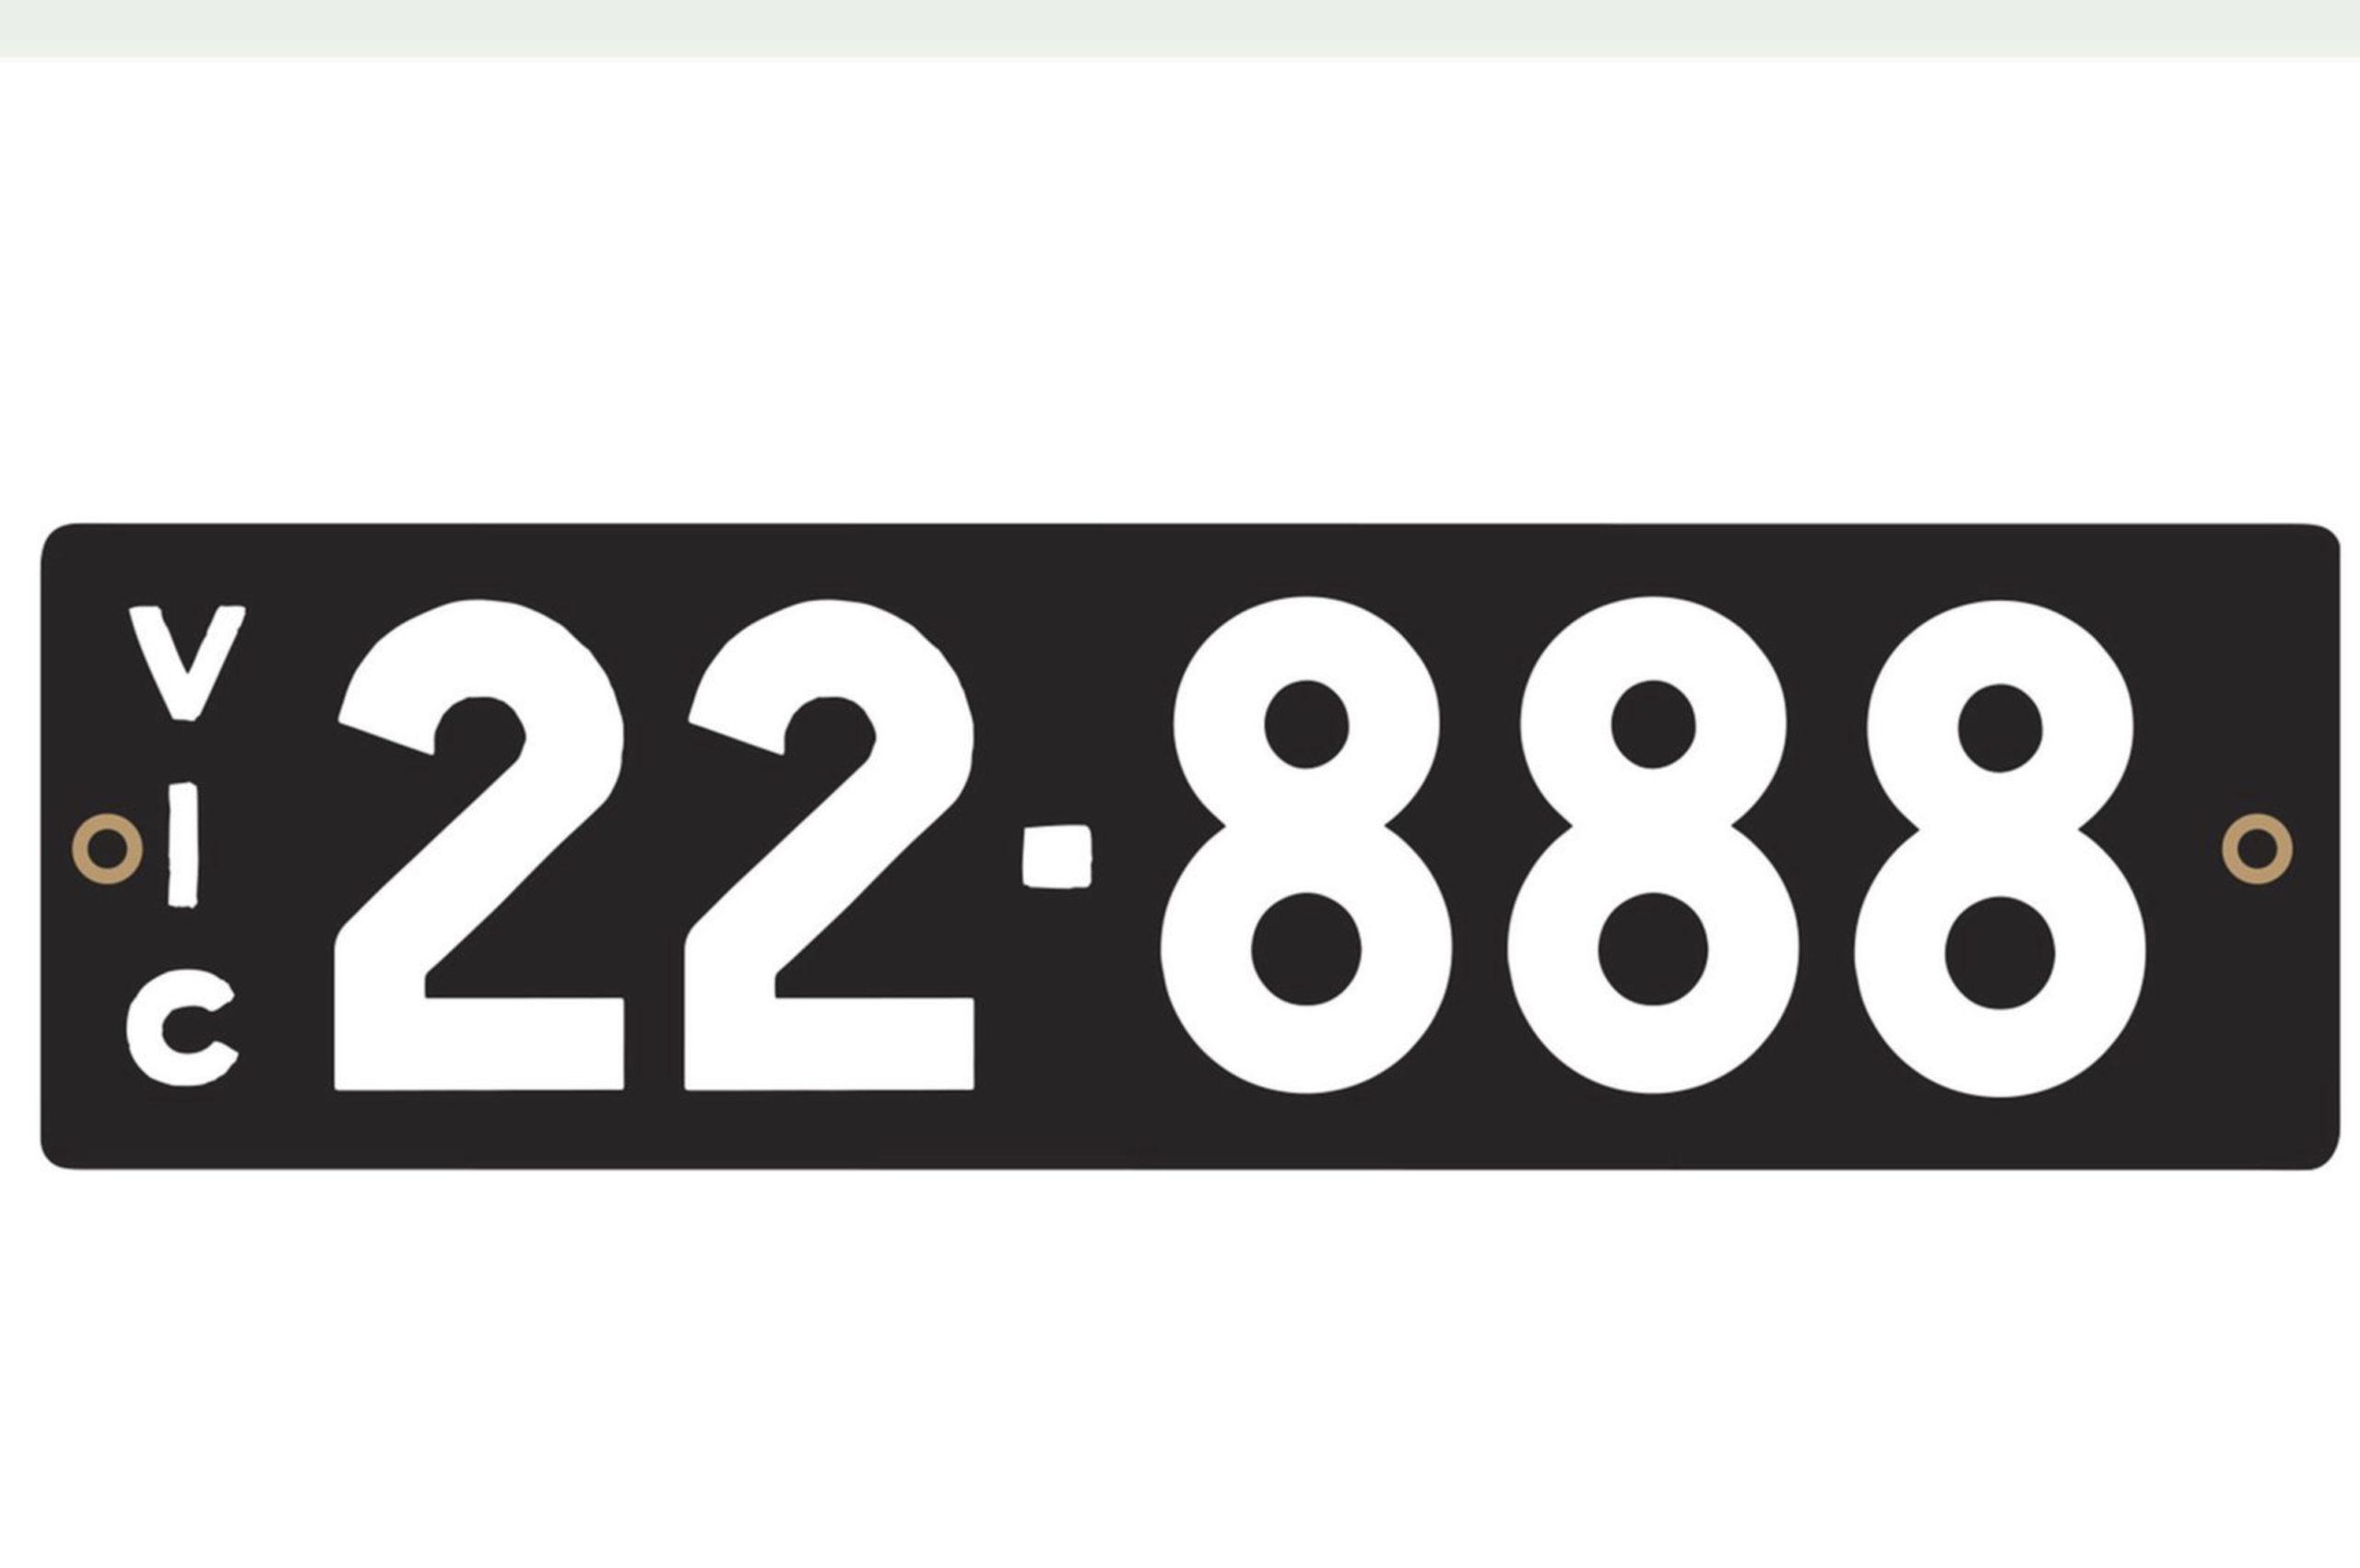 Plaque 22-888 combinaison de chiffres rares - VIC et NSW avril 2021.